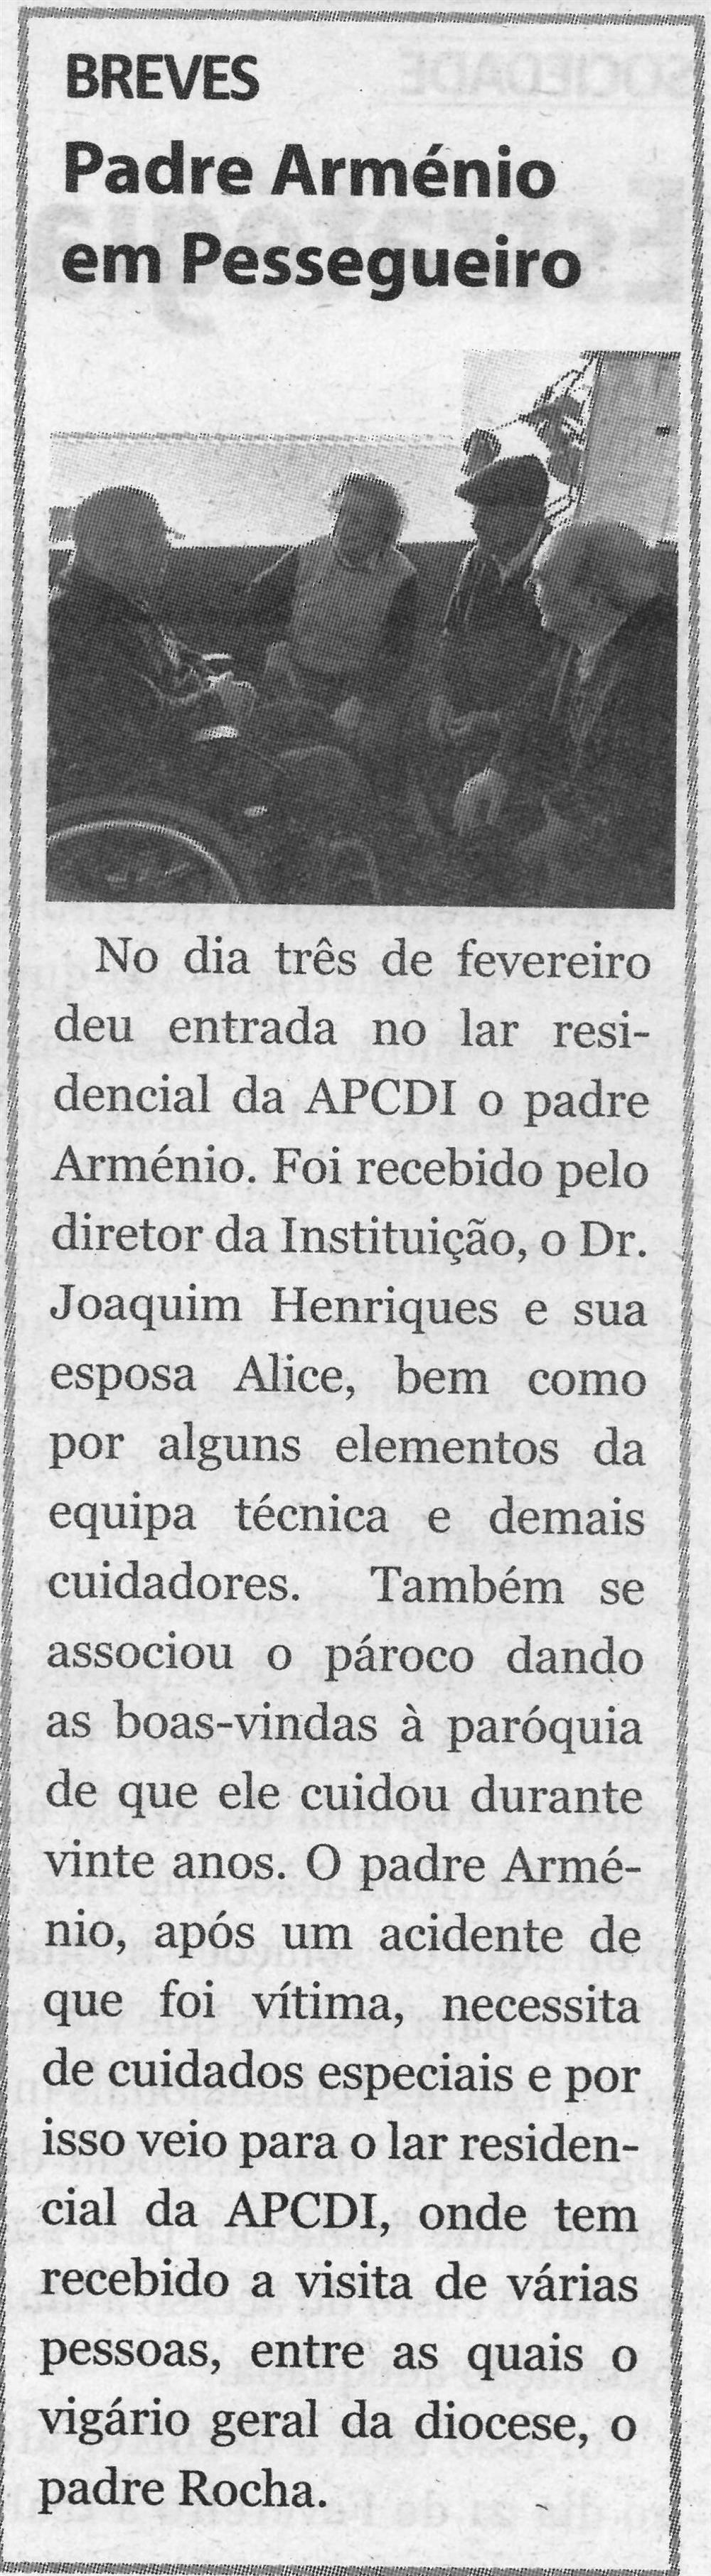 TV-fev.'20-p.7-Padre Arménio em Pessegueiro.jpg